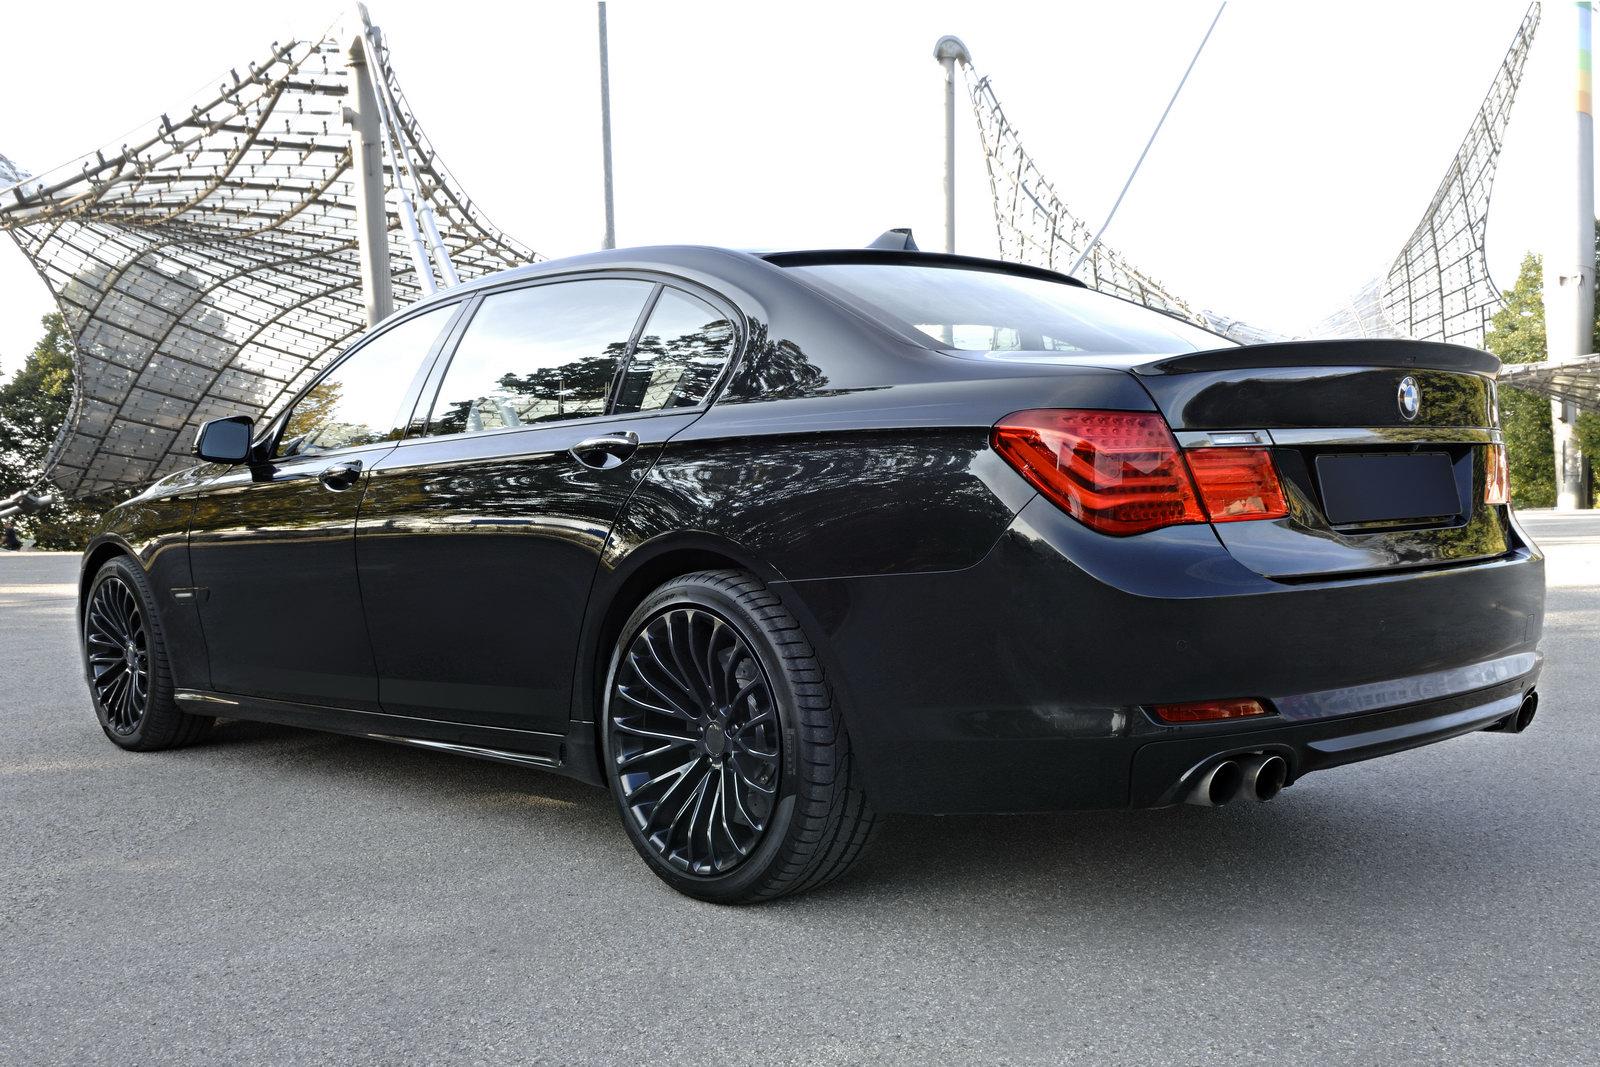 BMW 750Li by Tuningwerk